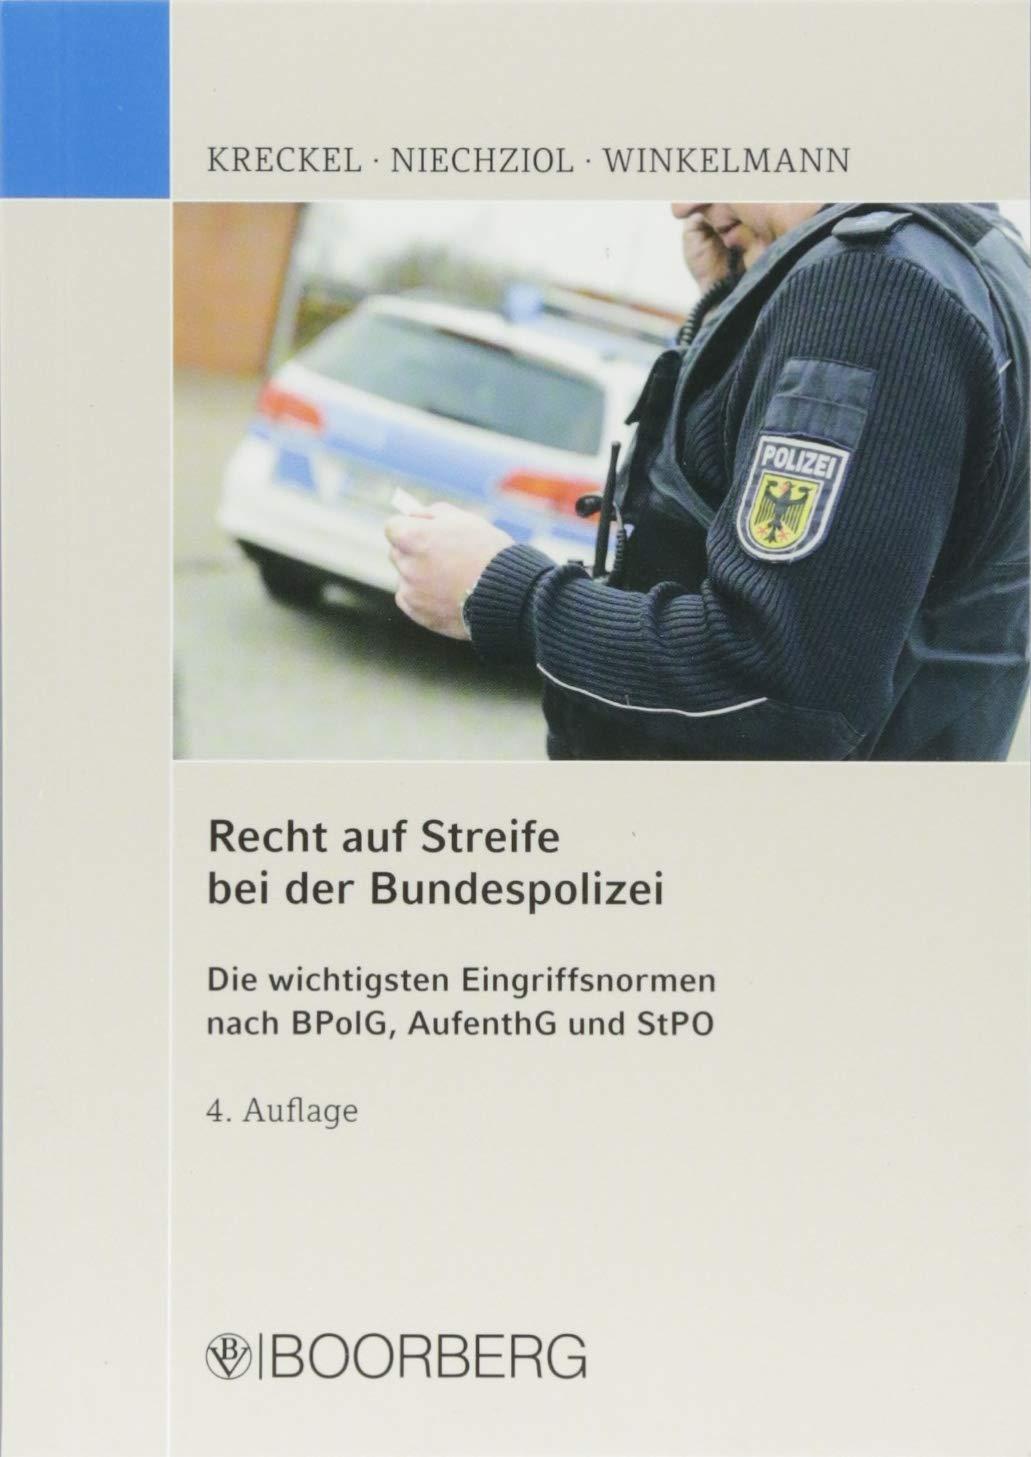 Recht auf Streife bei der Bundespolizei: Die wichtigsten Eingriffsnormen nach BPolG, AufenthG und StPO